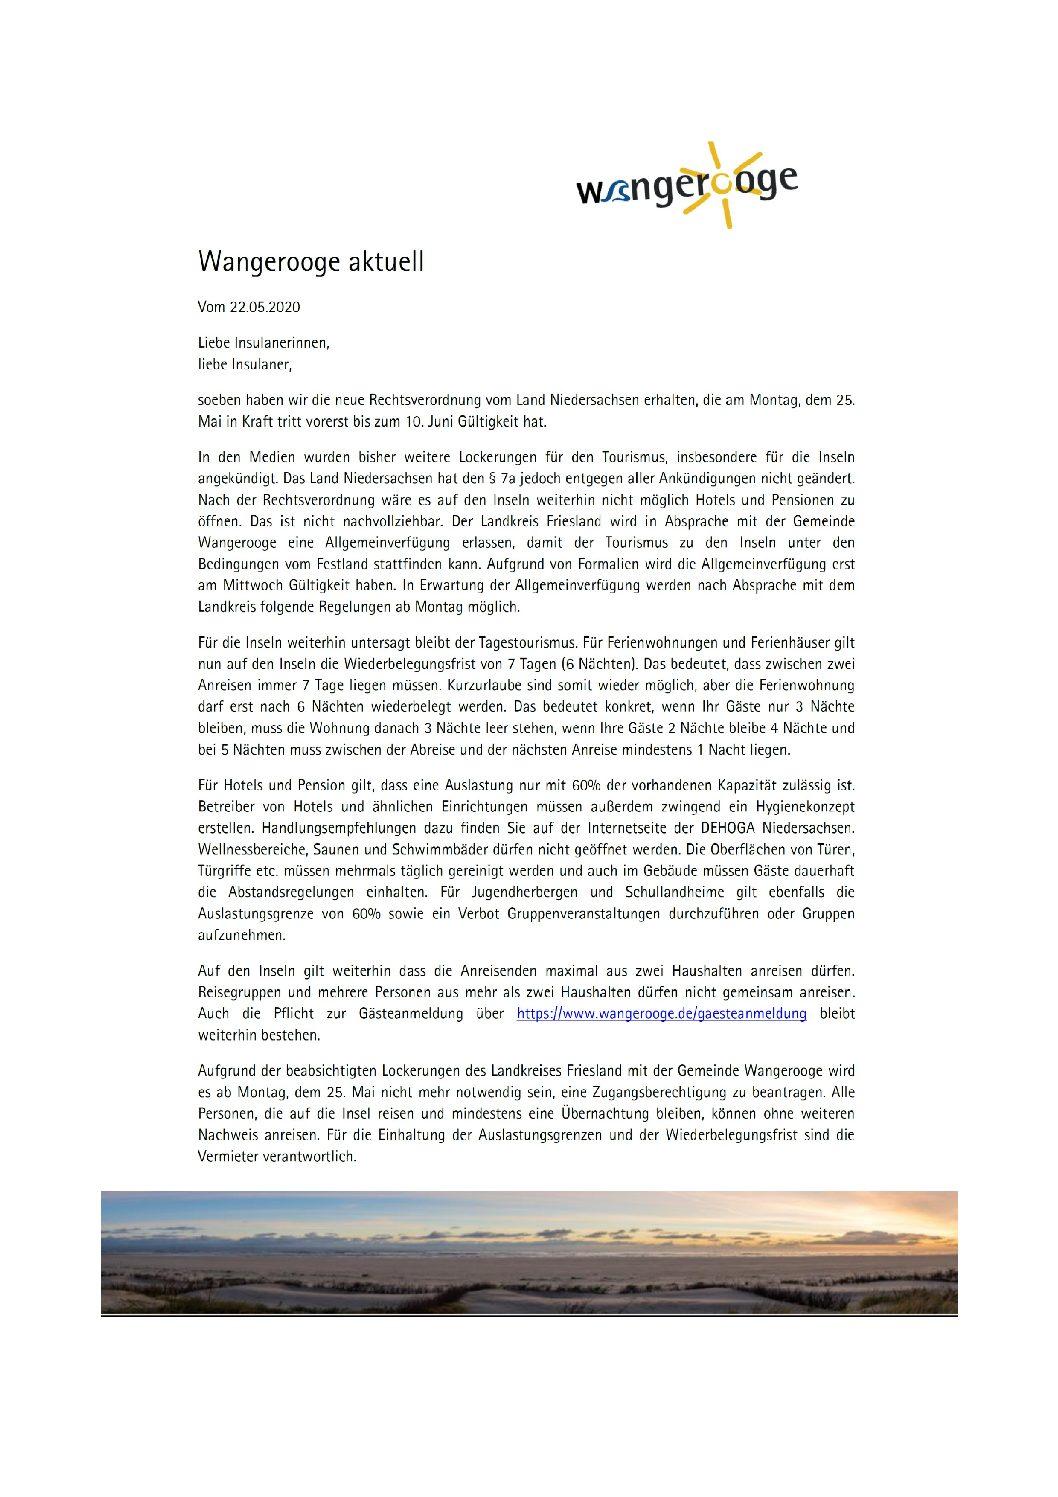 Wangerooge Aktuell der Kurverwaltung neue Rechtsverordnung vom Land Niedersachsen